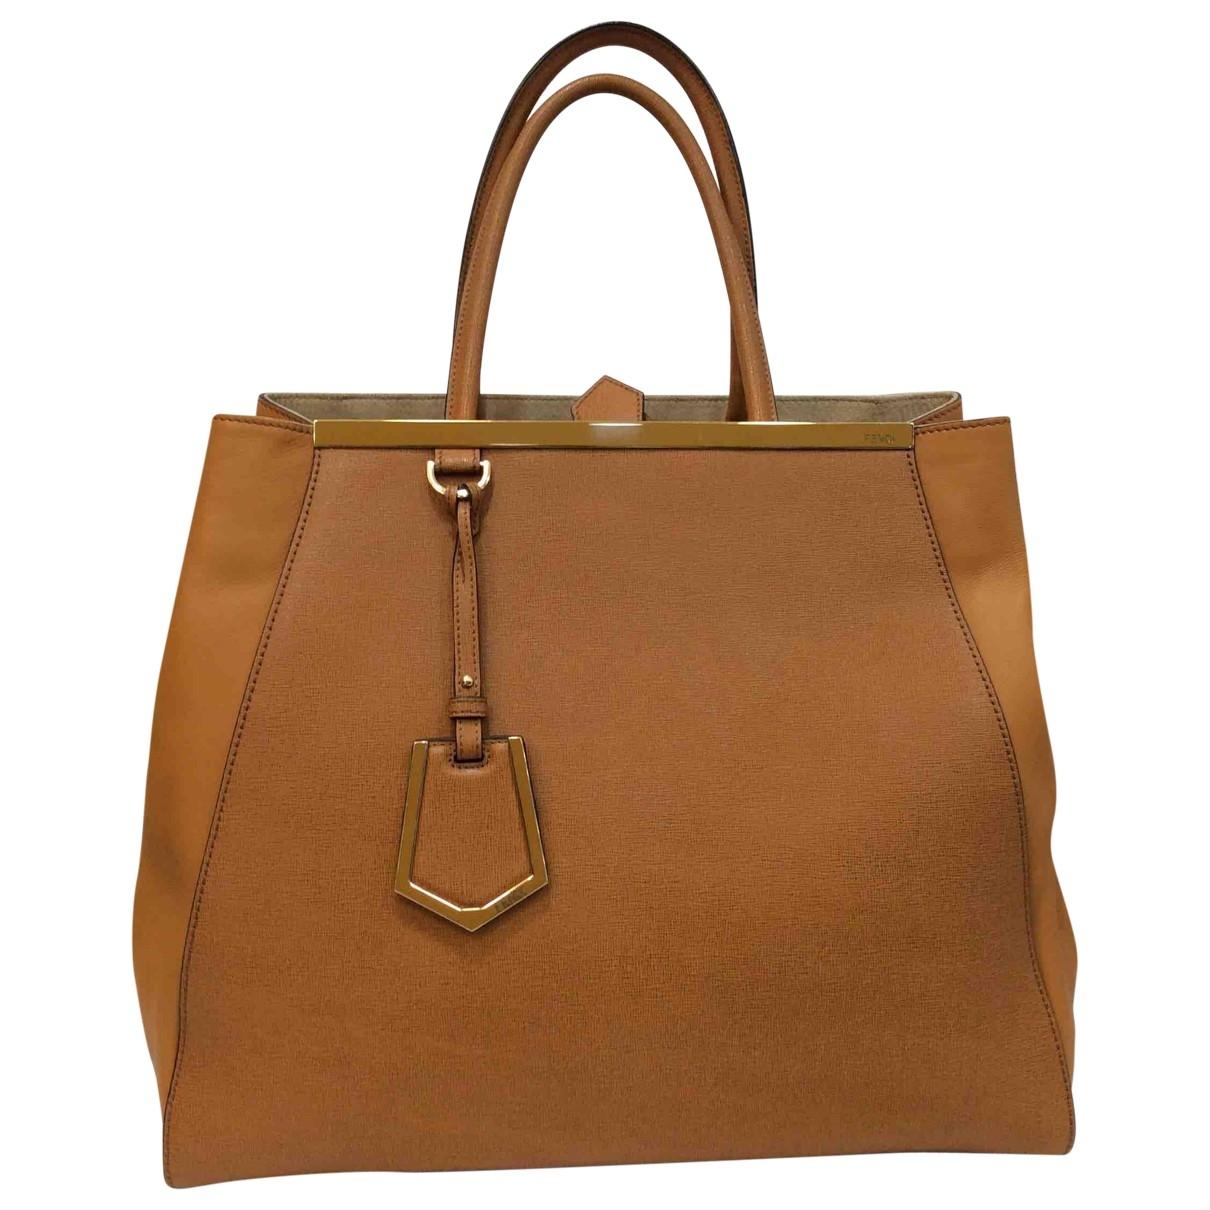 Fendi 2Jours Leather handbag for Women \N